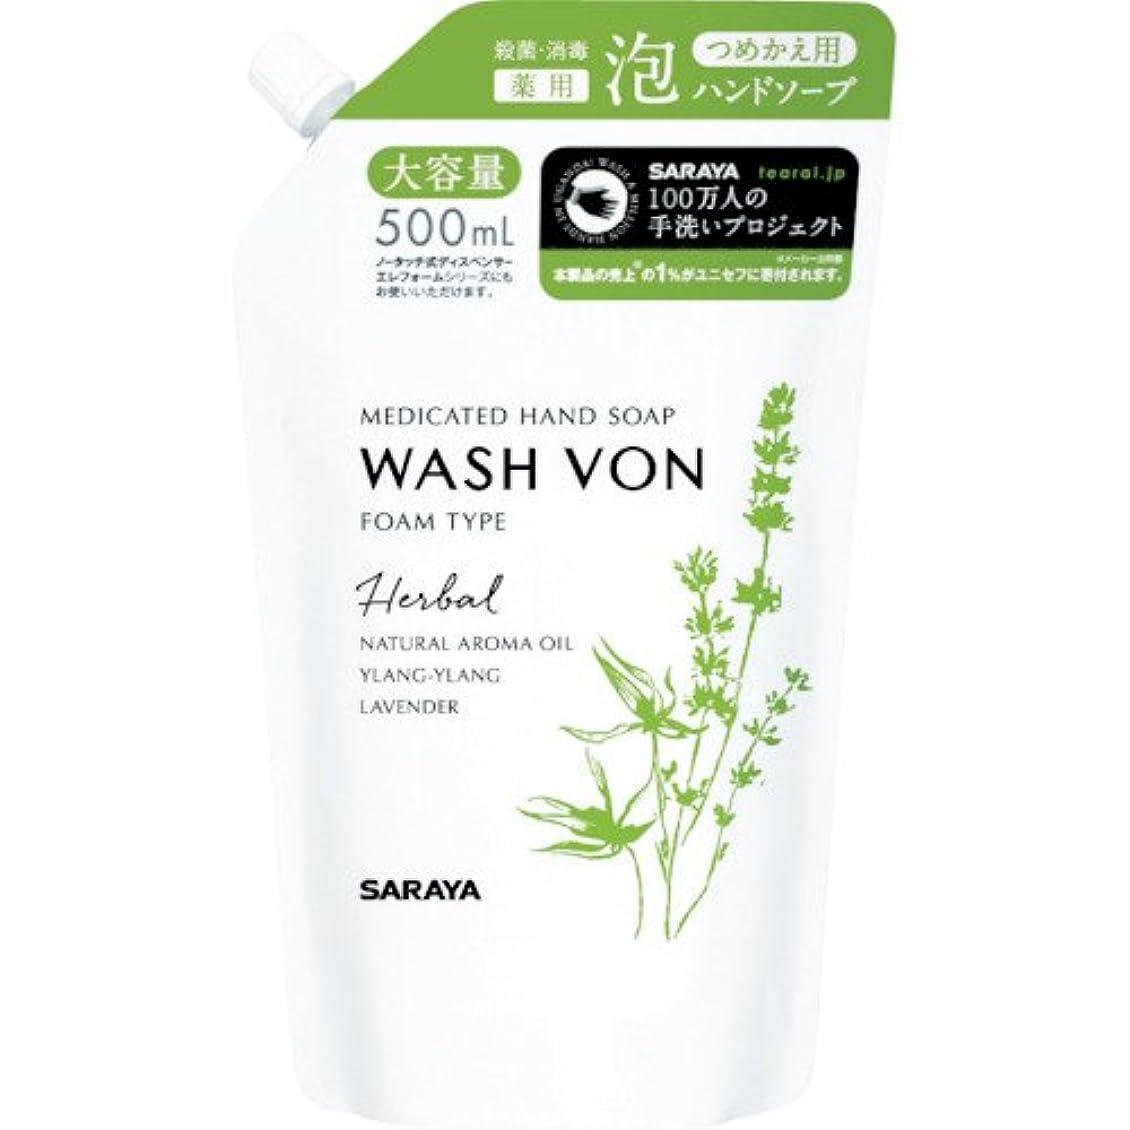 サラヤ WASH VON ウォシュボン ハーバル薬用 ハンドソープ フォームタイプ 詰替用 500ml